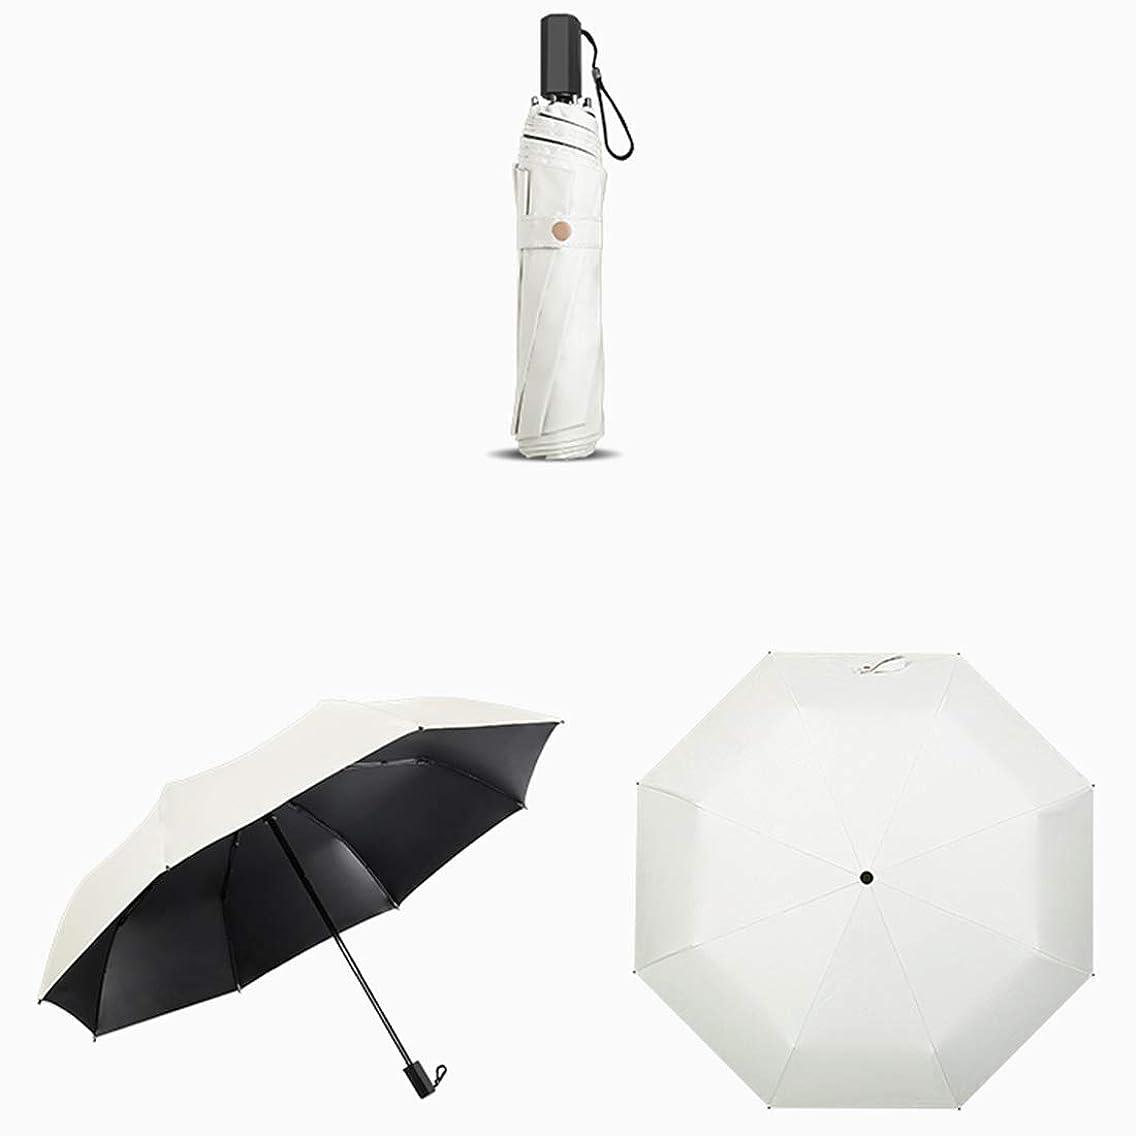 柱中止します子猫LKJASDHL 折りたたみ日傘女性の屋外の紫外線保護日焼け止めパラソルポータブルコンパクト旅行傘スポーツ傘防風傘 (色 : ホワイト)